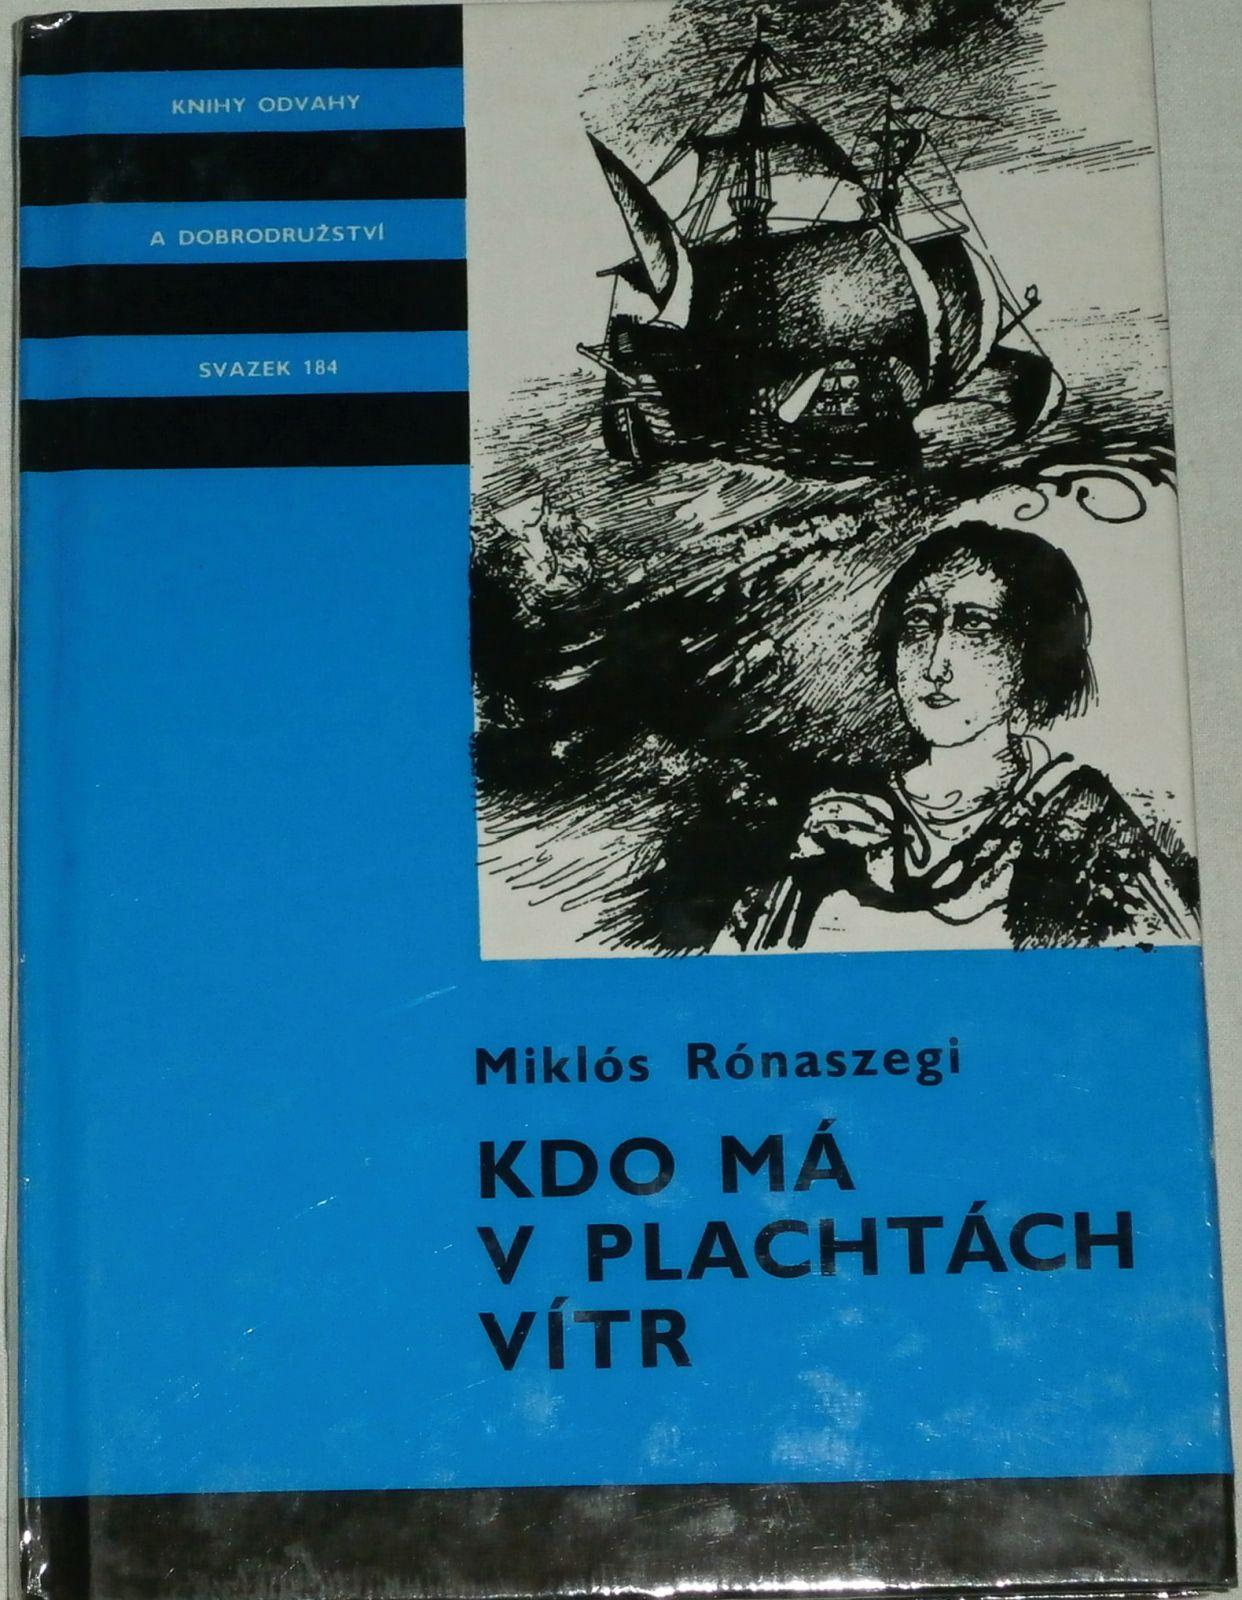 Rónaszegi Miklós - Kdo má v plachtách vítr (KOD sv. 184)